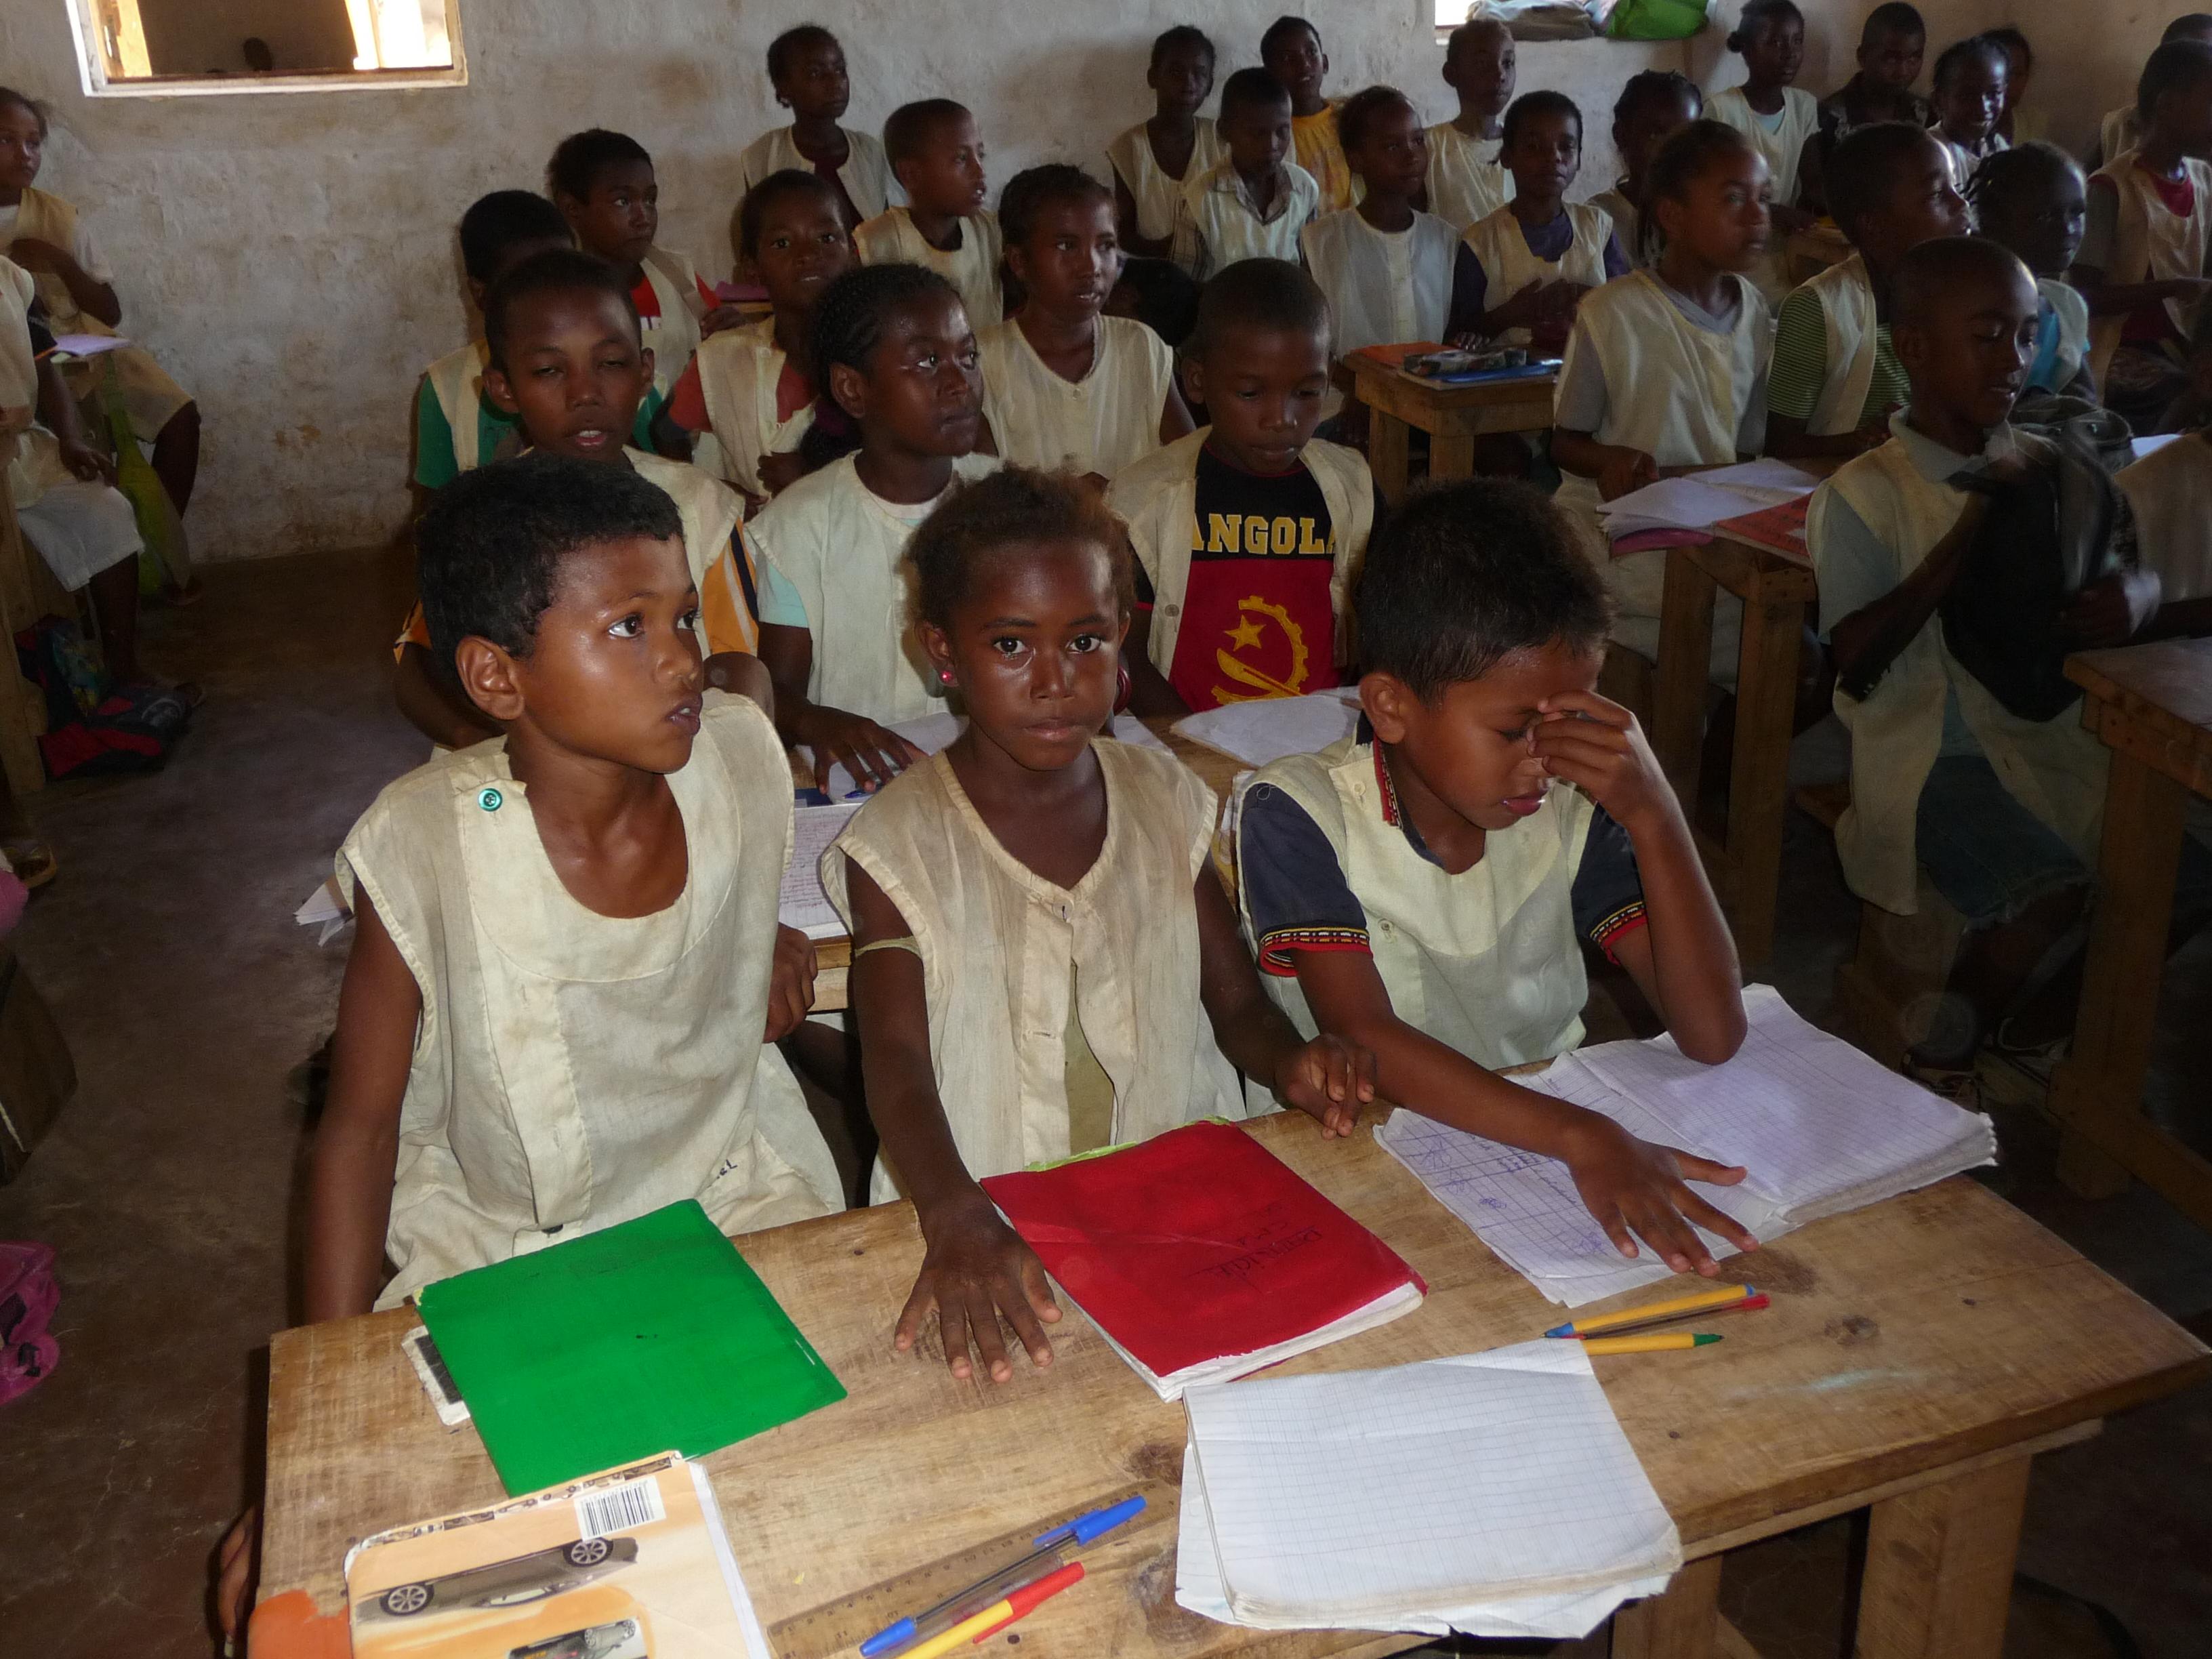 Les cours à Madagascar